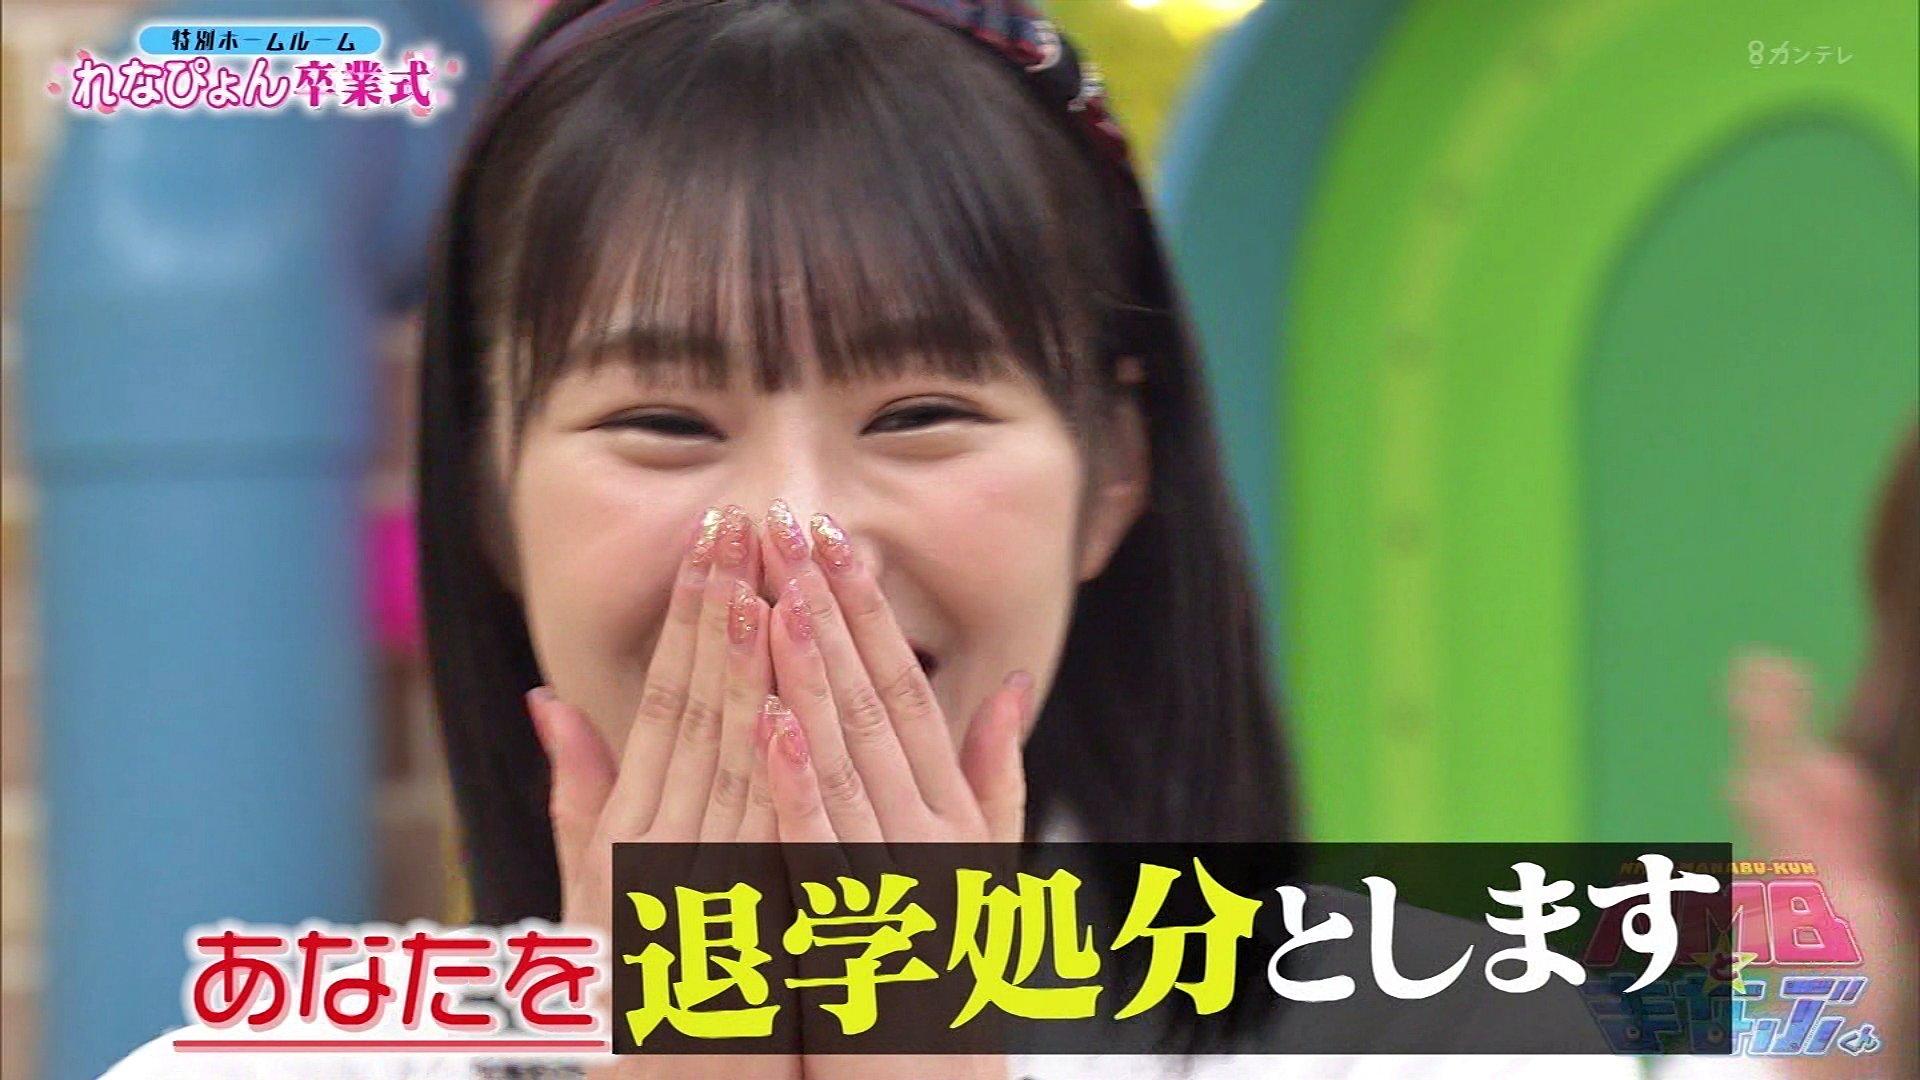 【NMB48】10月18日放送「NMBとまなぶくん」の画像。餃子の王将SPでラストうどん。